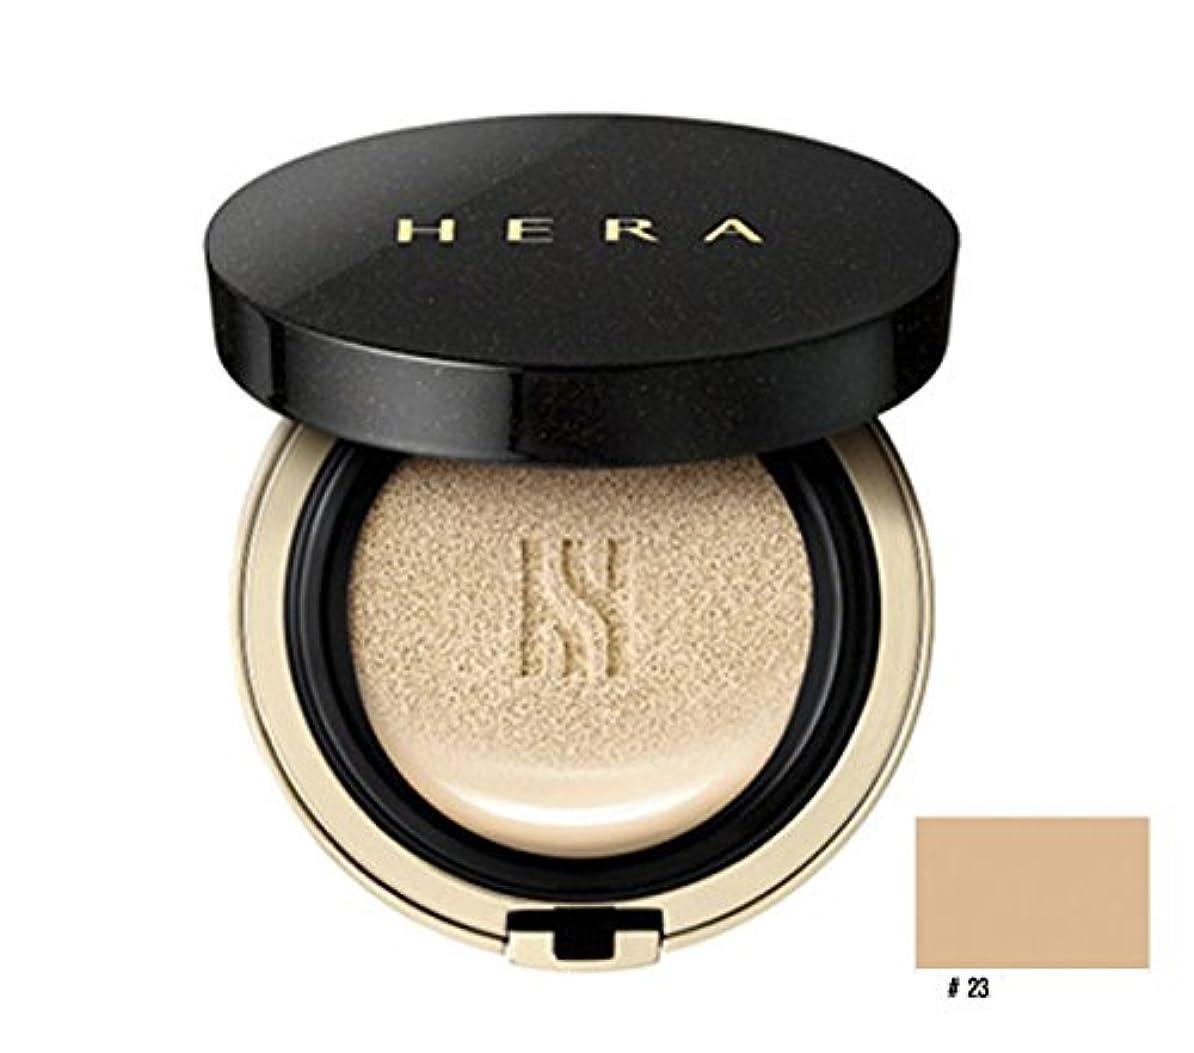 内部人工不屈Hera ブラッククッション SPF34/PA++ 本品15g+リフィール15g/Black Cushion SPF34/PA++ 15g+Refil15g (No.23 beige) (韓国直発送) + Ochloo...